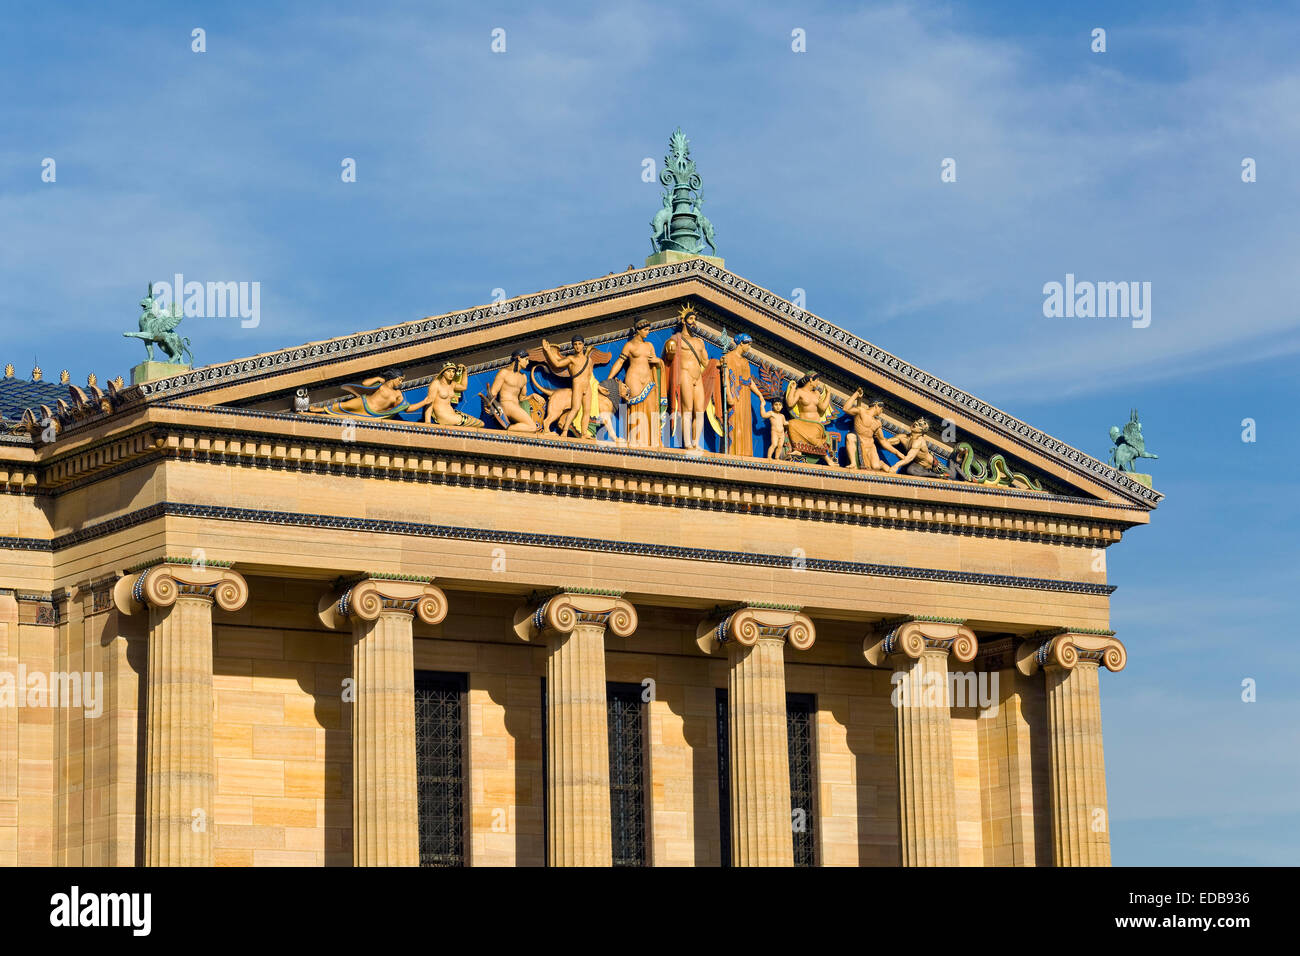 Museo de Arte de Filadelfia, detalle arquitectónico en la construcción exterior, Philadelphia, Pennsylvania Imagen De Stock